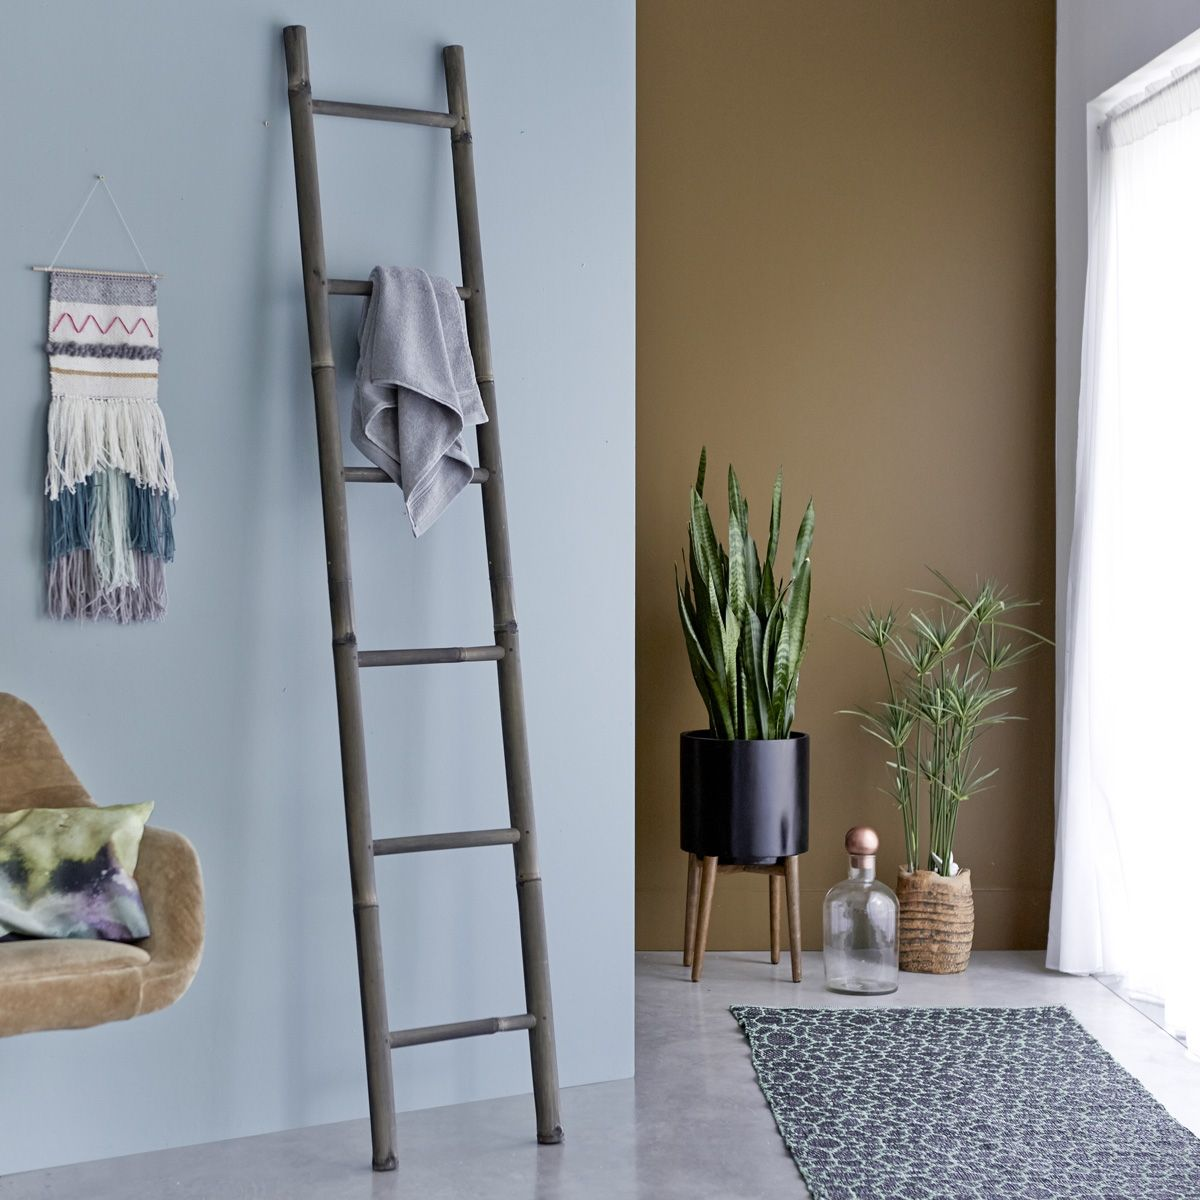 echelle en bambou 200 black les meubles de libellule. Black Bedroom Furniture Sets. Home Design Ideas